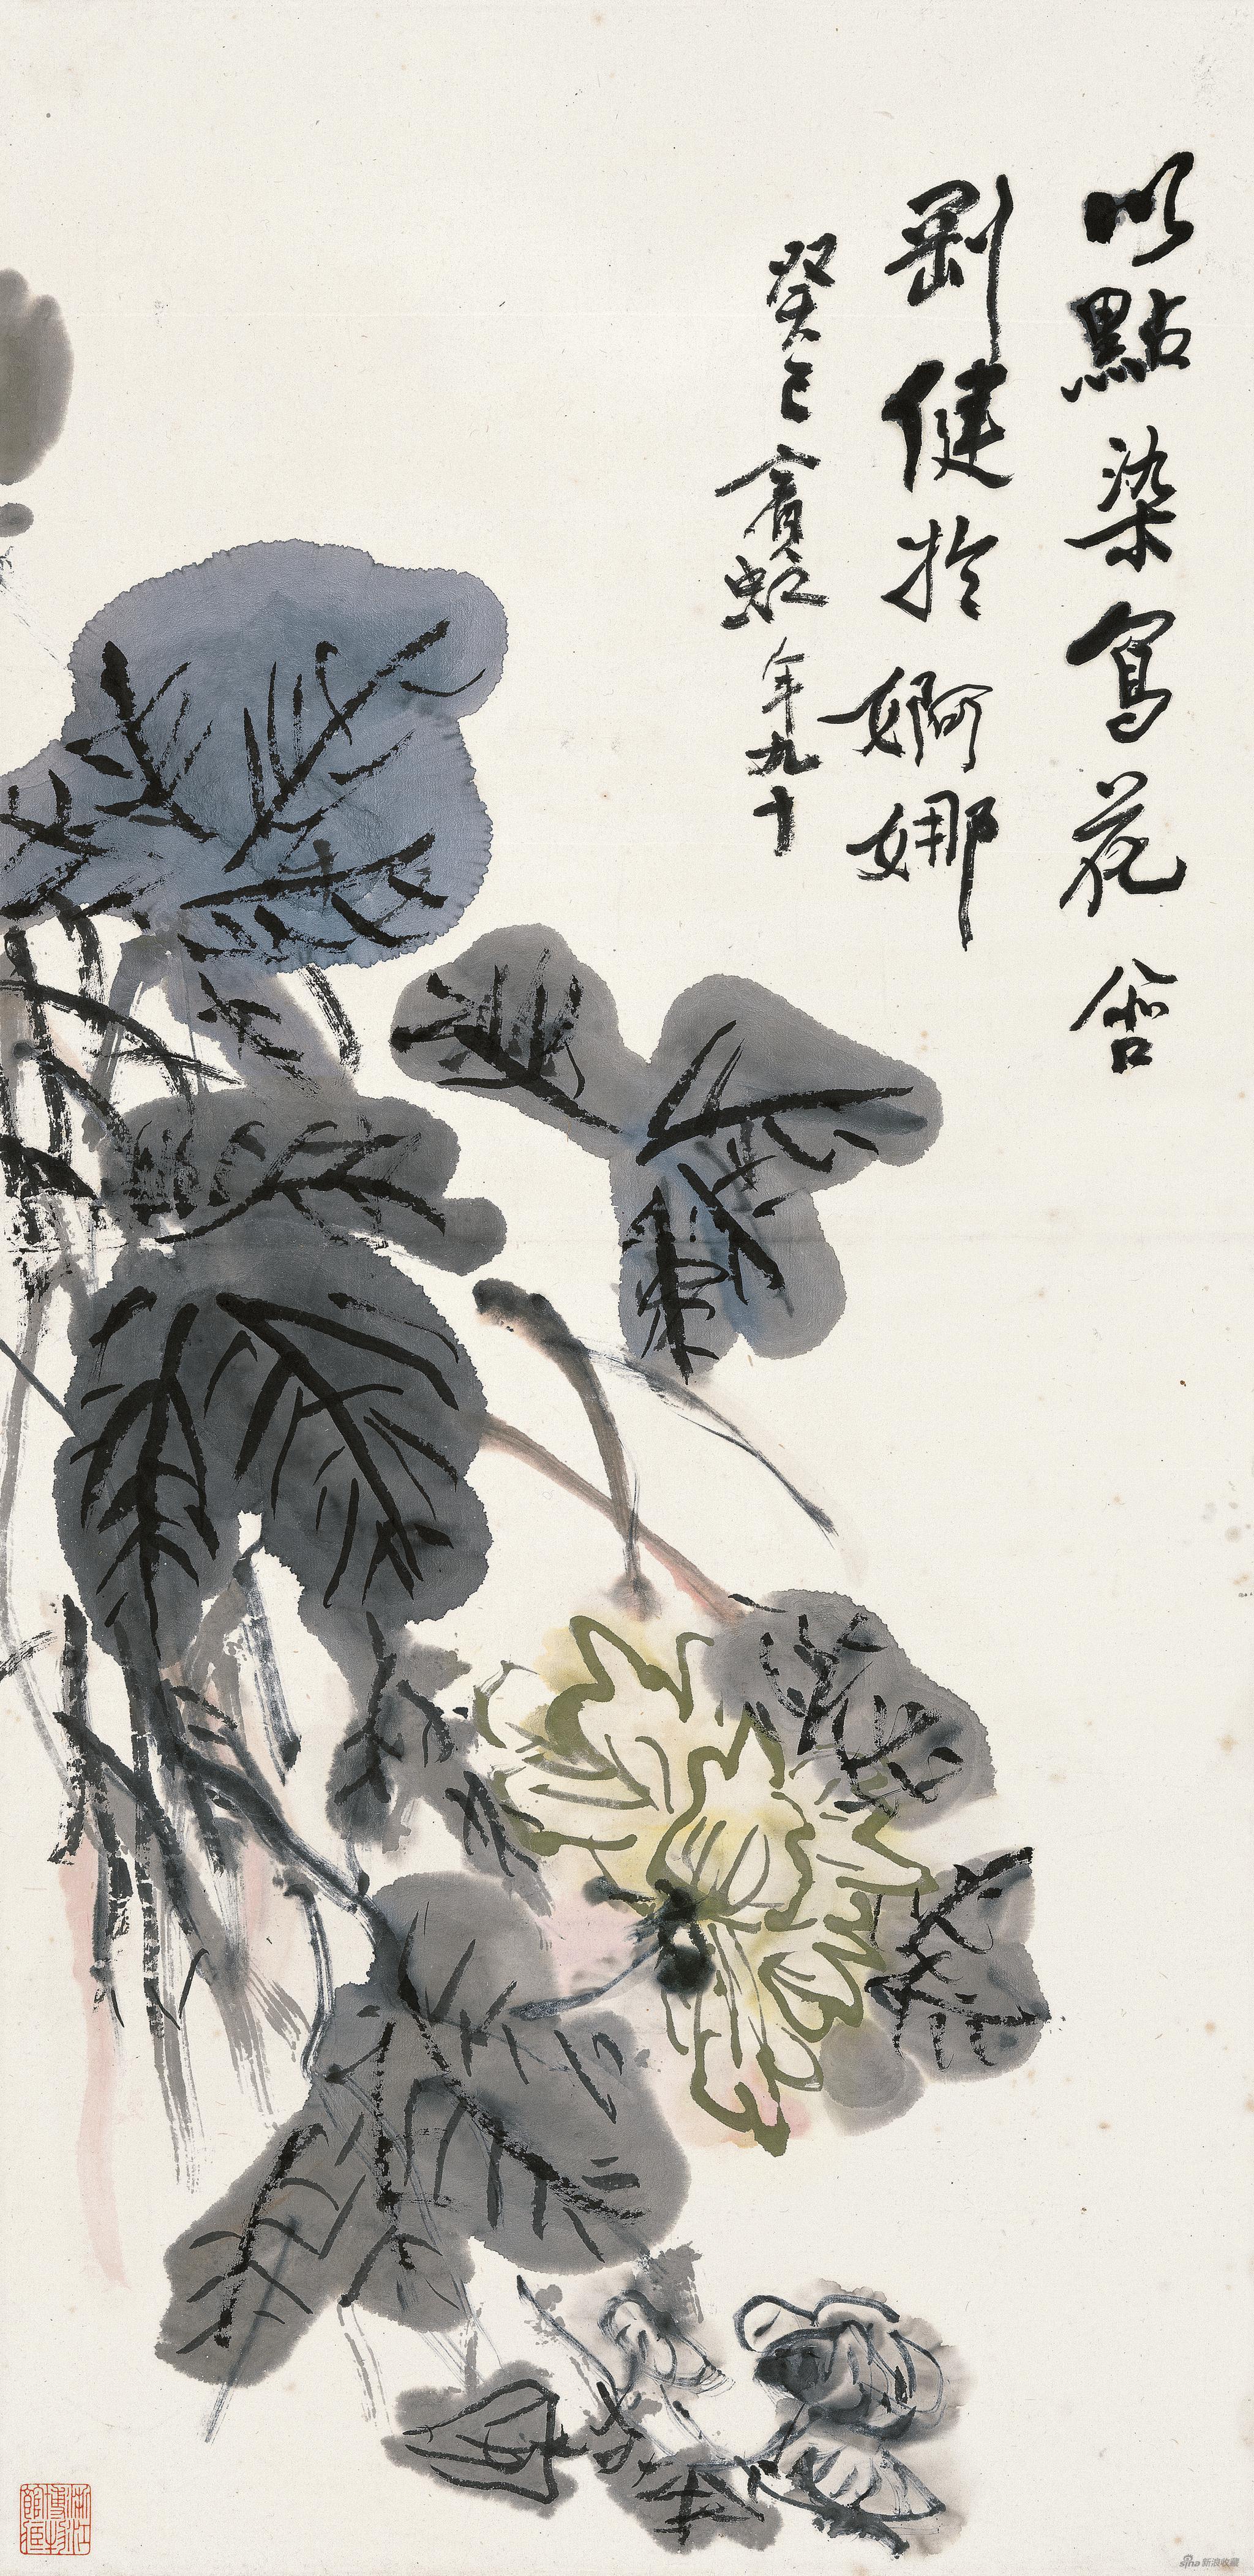 芙蓉图 黄宾虹 68.5cm×33.2cm 1953年 纸本设色 浙江省博物馆藏